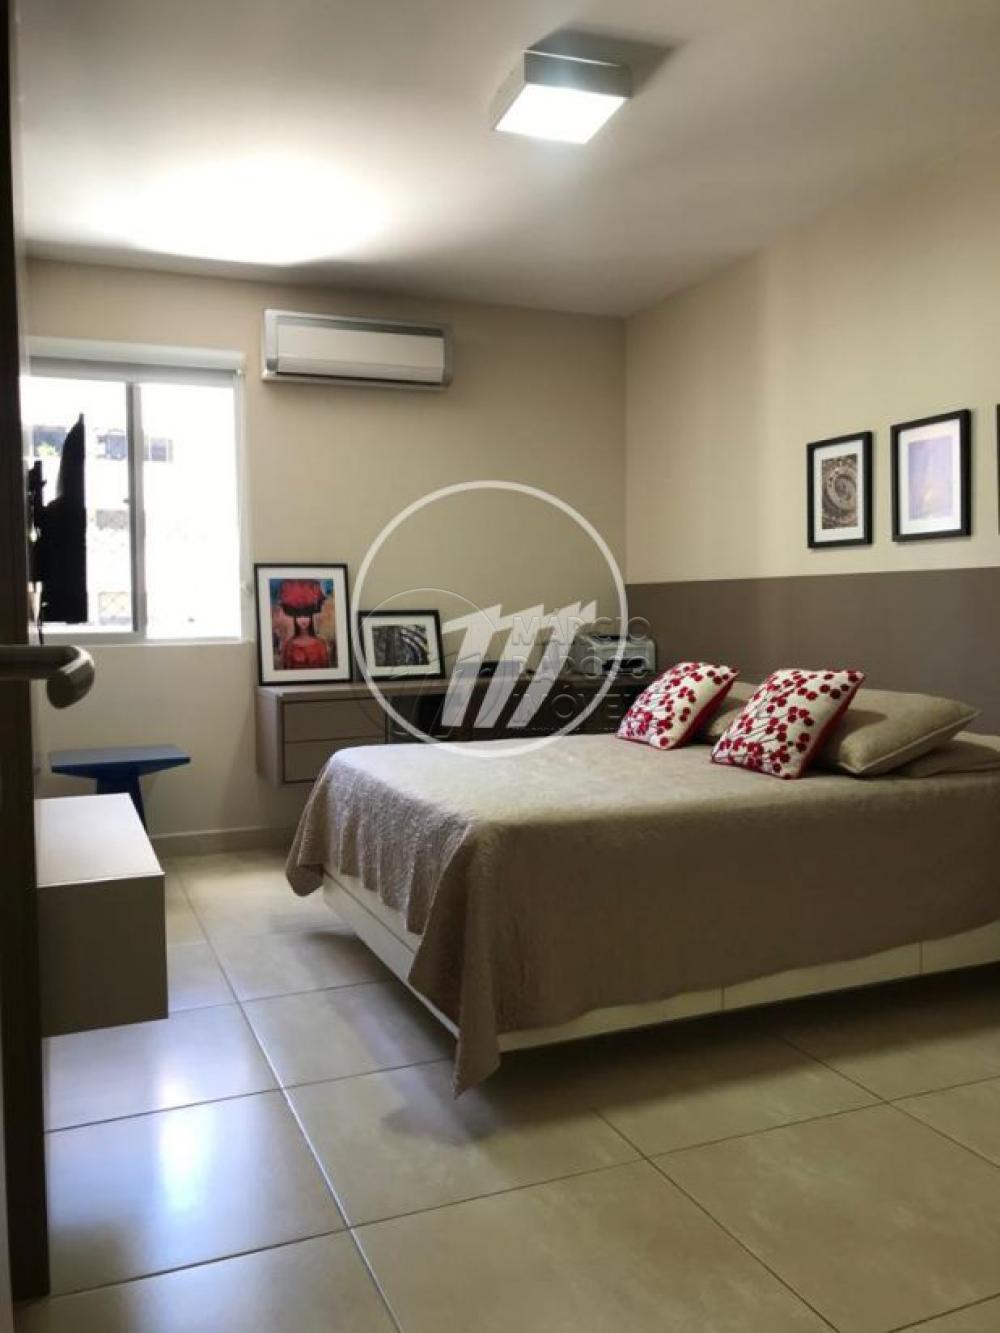 Comprar Apartamento / Padrão em Maceió apenas R$ 1.100.000,00 - Foto 12